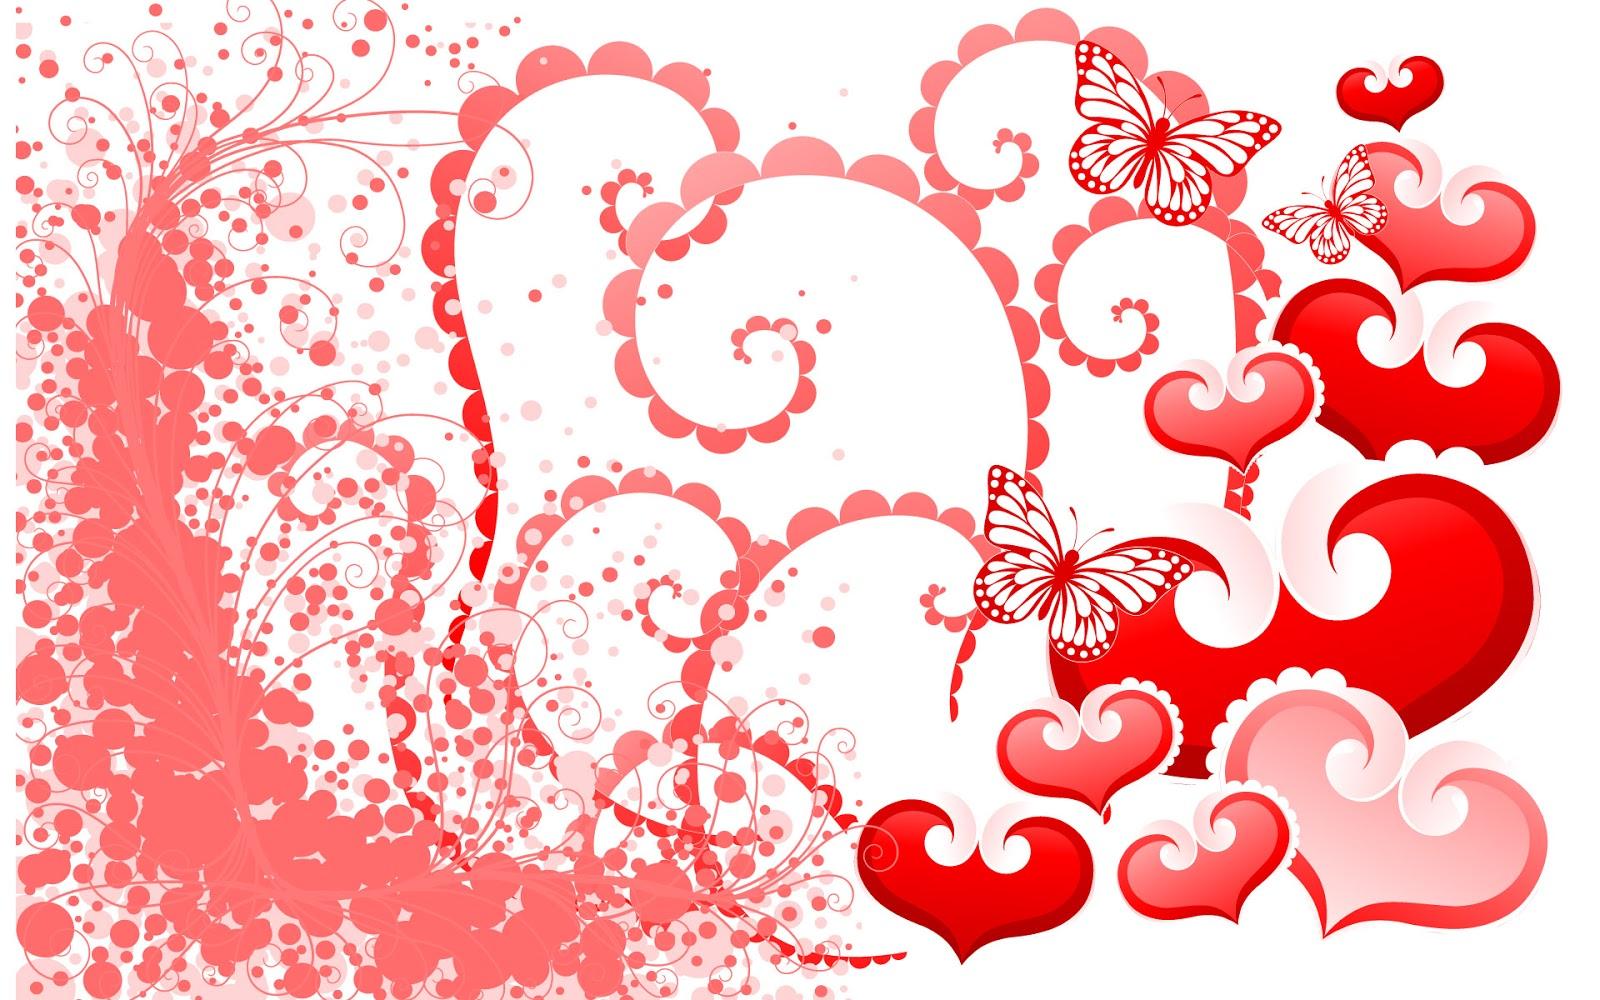 Guardada en: Corazones , Imagenes de Amor , Mariposas